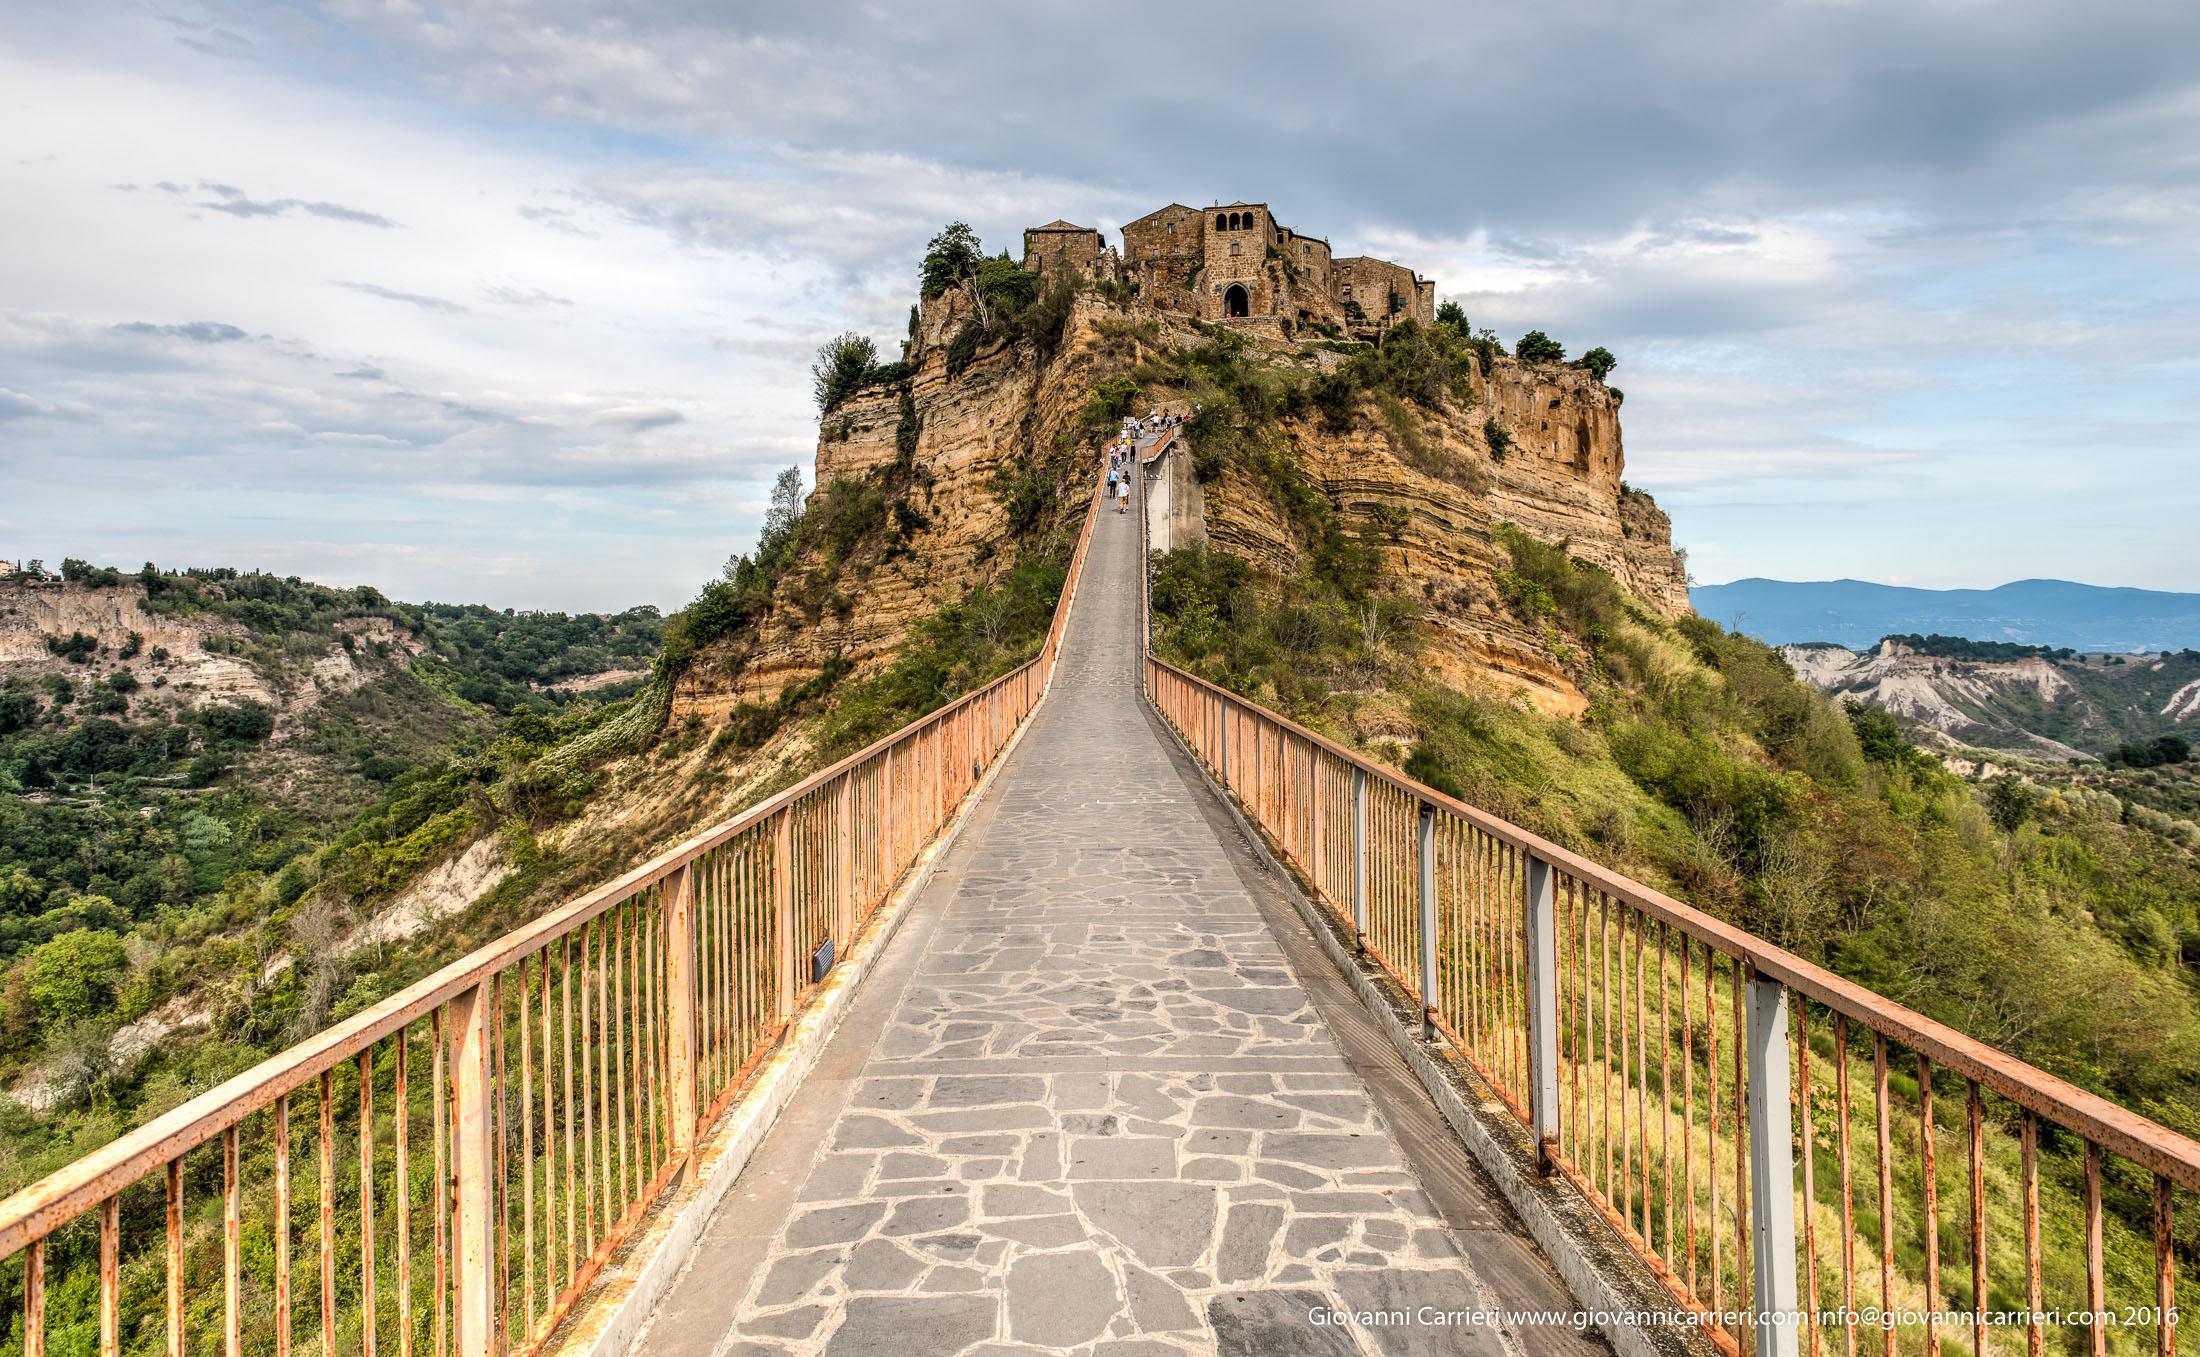 Il ponte per accedere a Civita di Bagnoregio